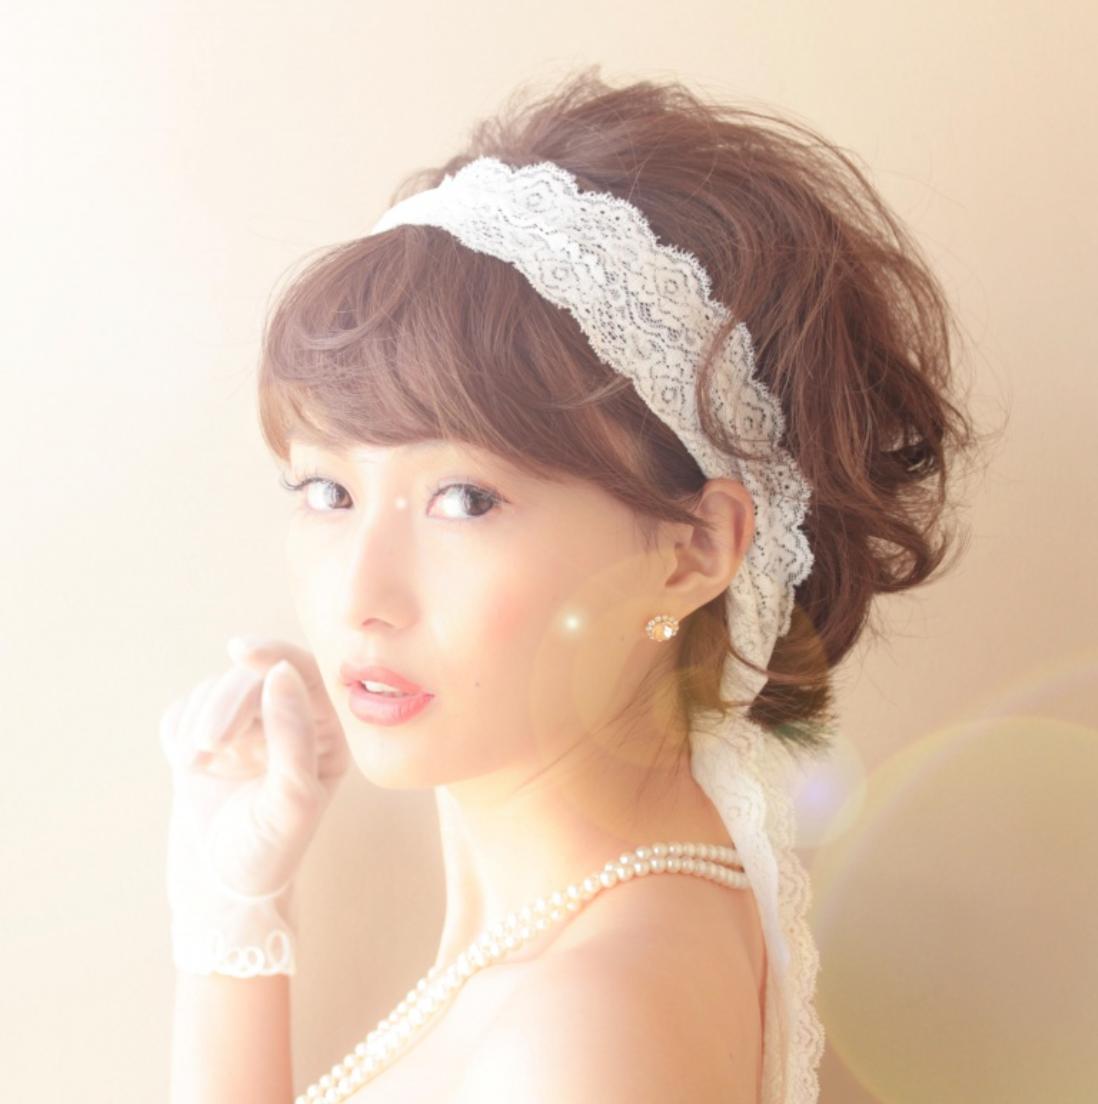 もう悩まない!ショートヘアのパーティーアレンジカタログ♡のサムネイル画像